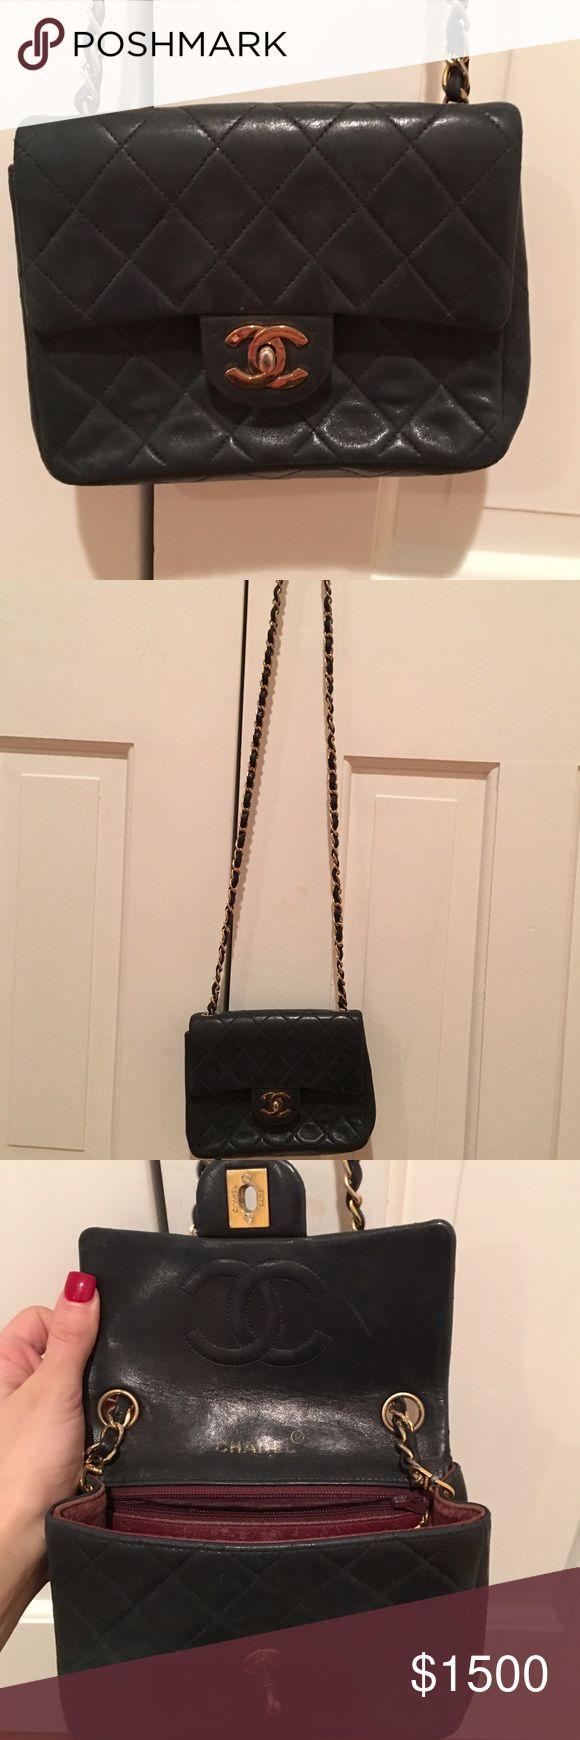 Chanel handbag superb vintage chanel bag vintage leather - Vintage Chanel Cross Body Flap Bag Gently Used Vintage Chanel Mini Cross Body Flap Bag